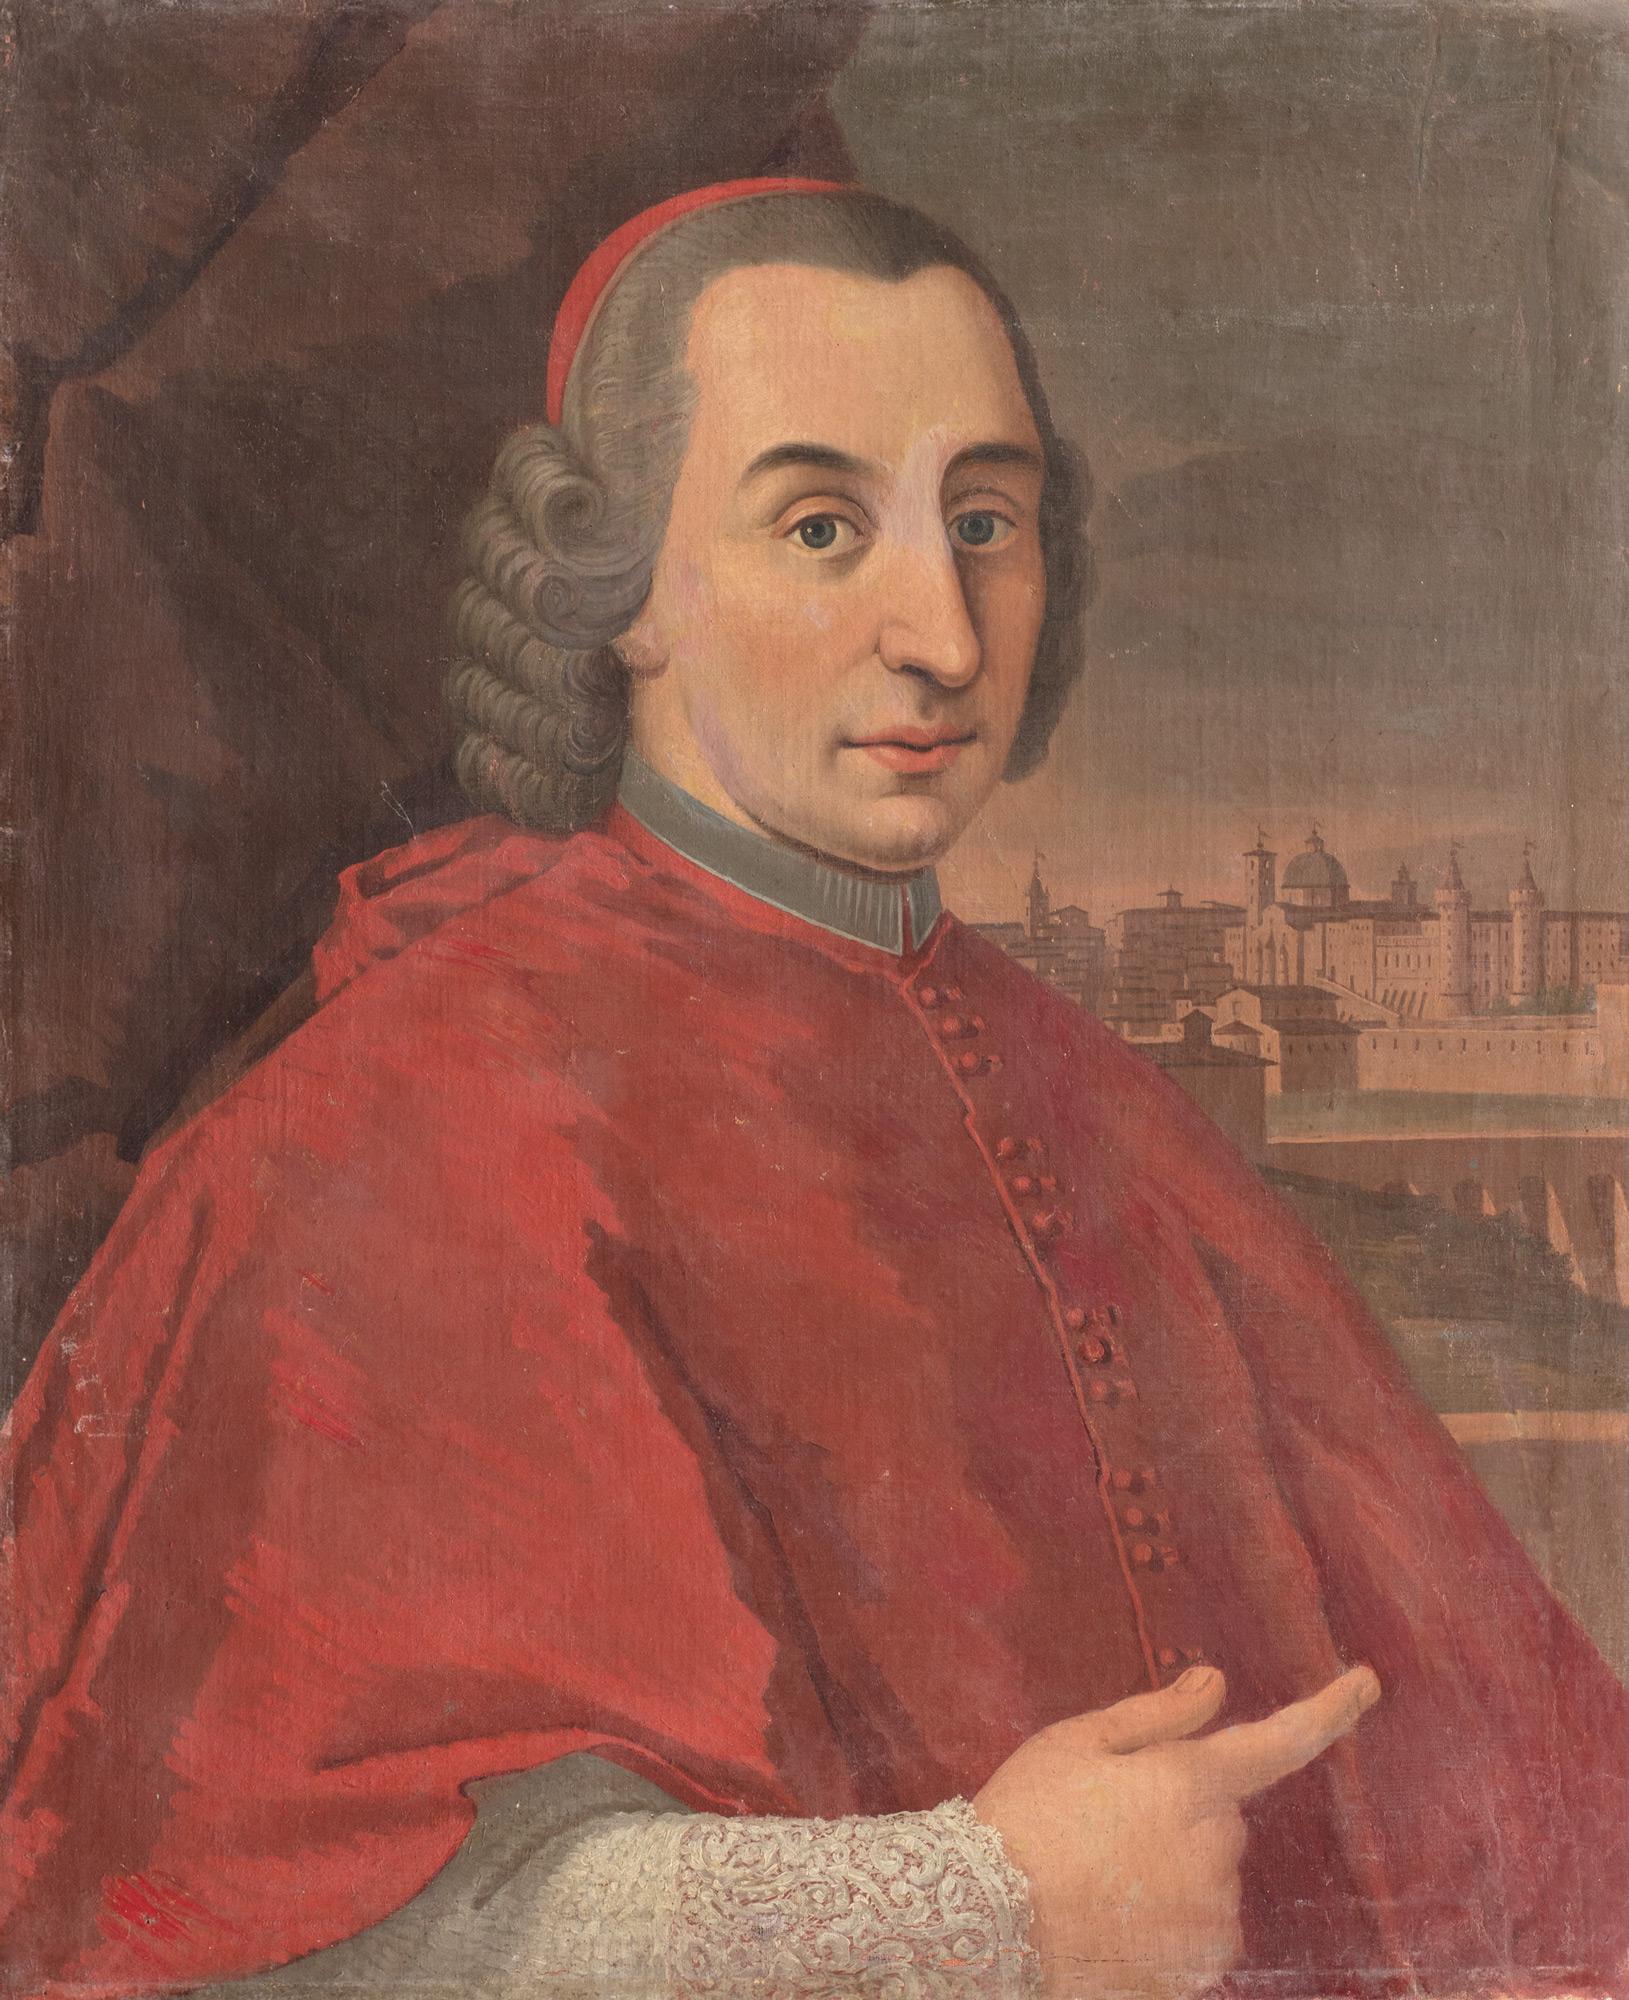 Ritratto del cardinale Annibale di Castelbarco Albani a mezzo busto, con veduta di Urbino sullo sfondo